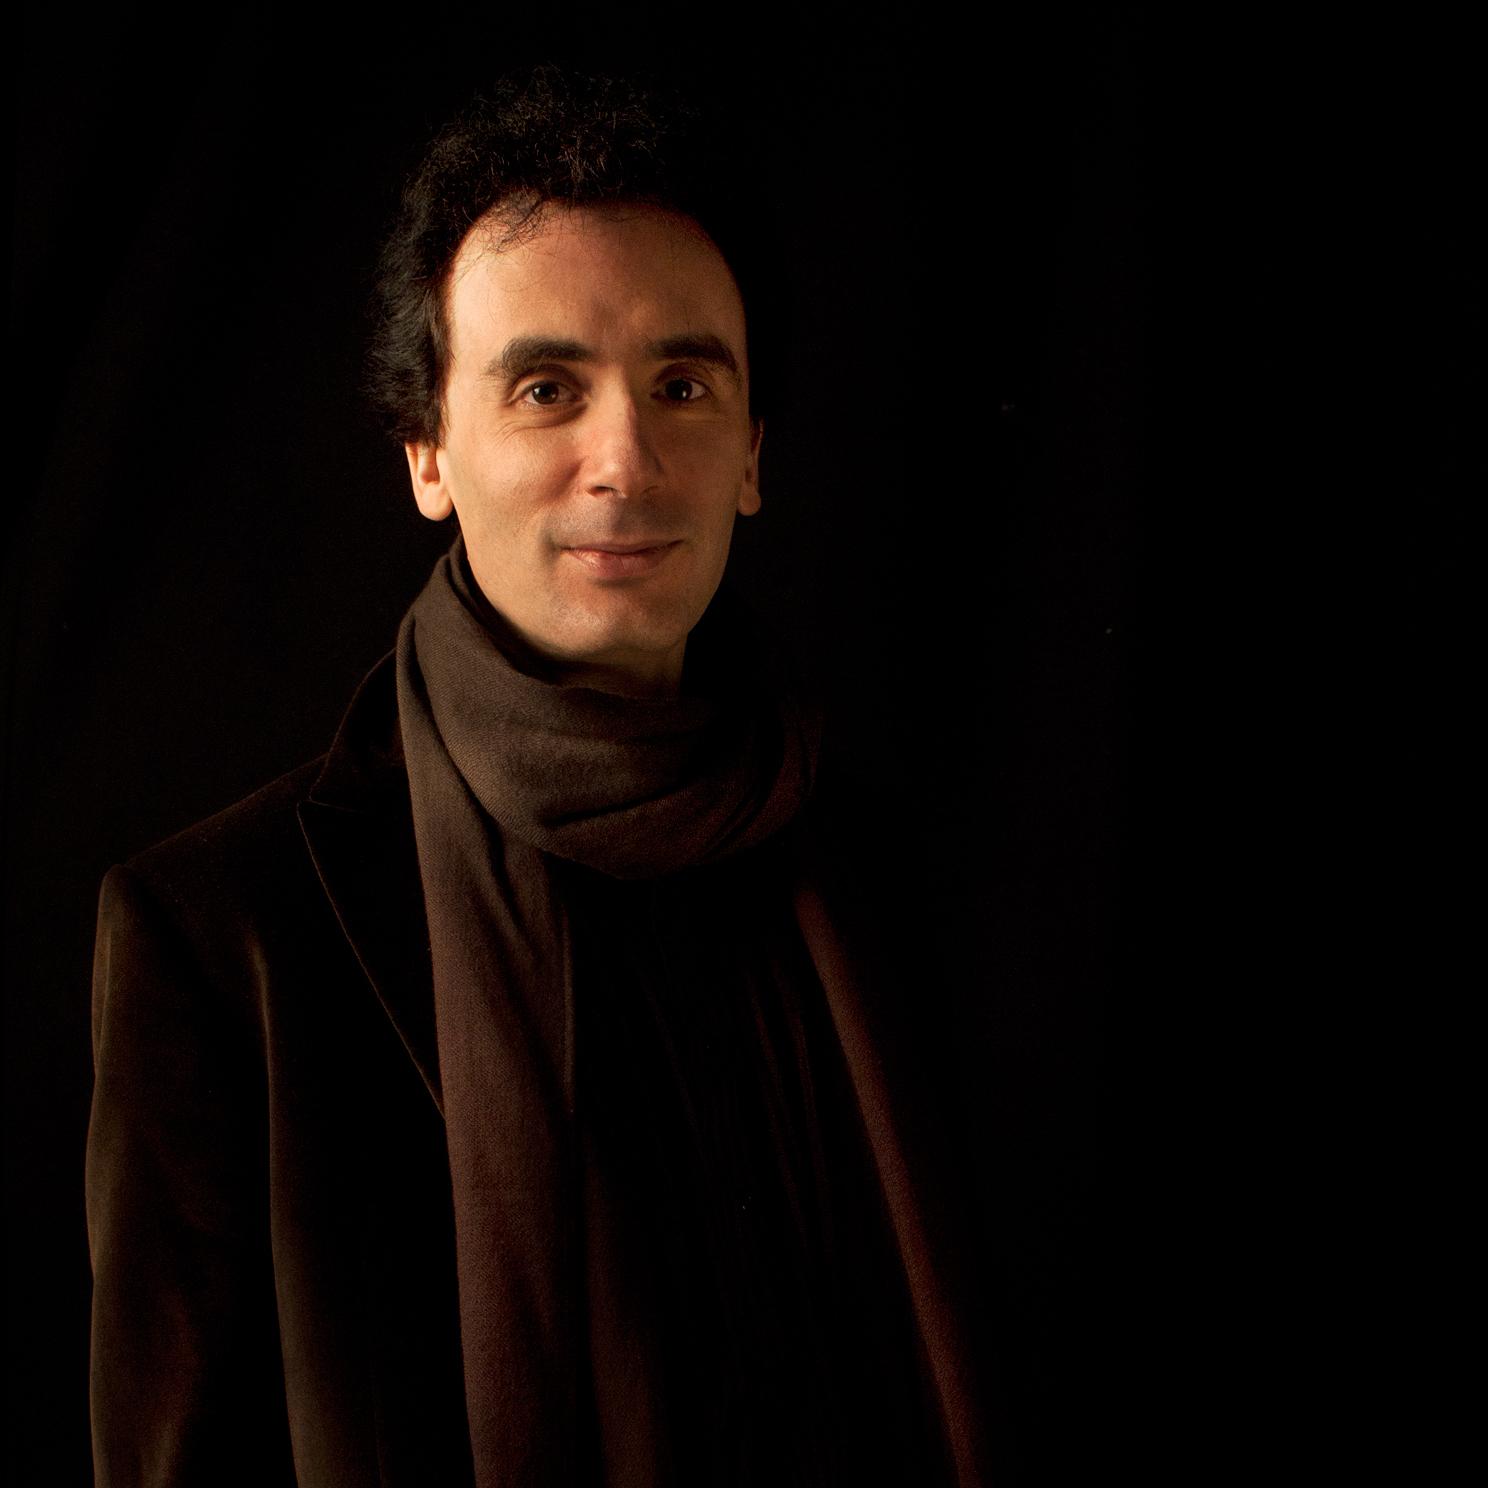 Sergei Podobedov